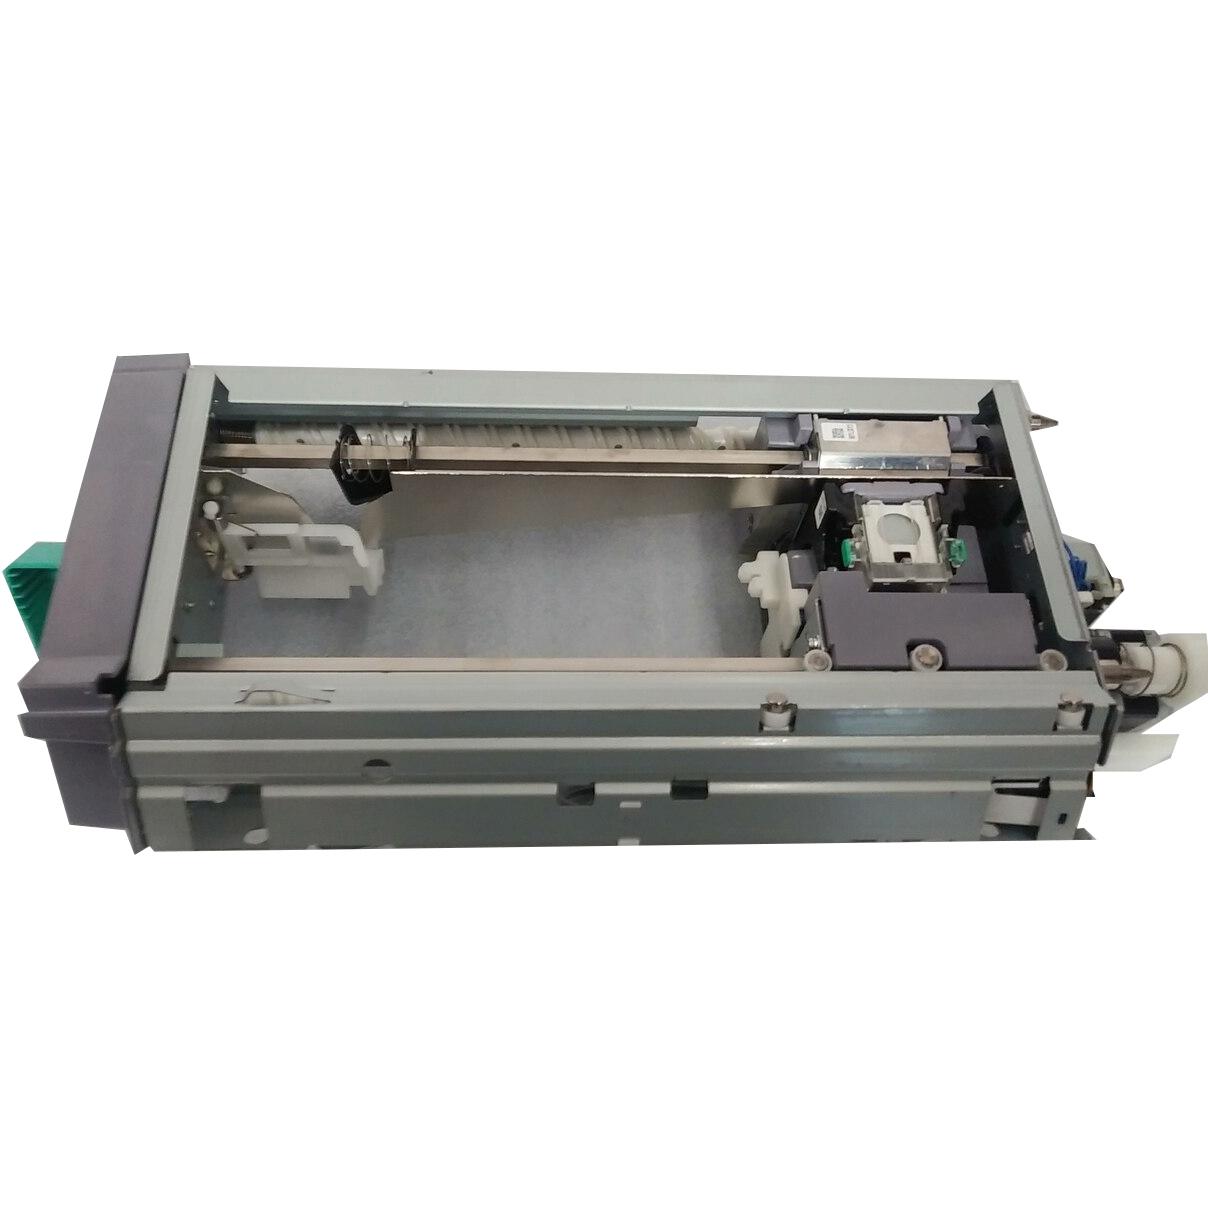 Original Hp Lj9040 Stapling Unit For Stacker (4G1-5218-130CN)